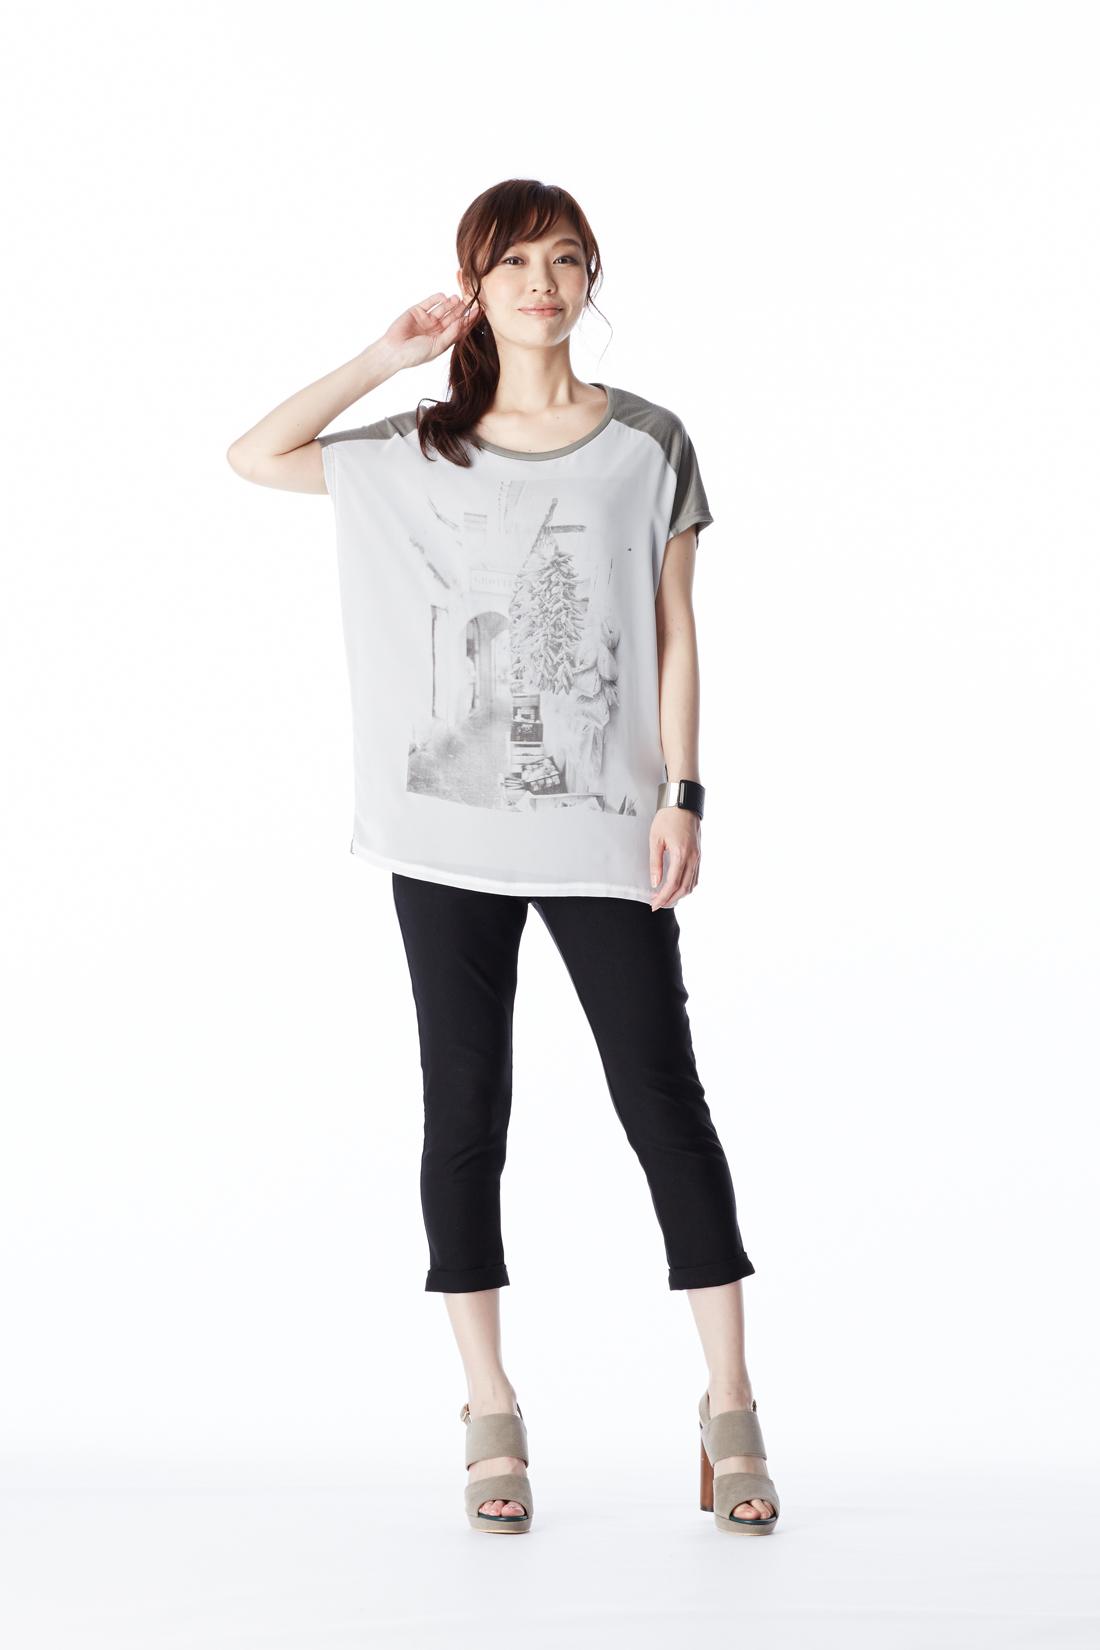 ほどよい細身シルエットなので、トレンドのロングTシャツとも好相性!